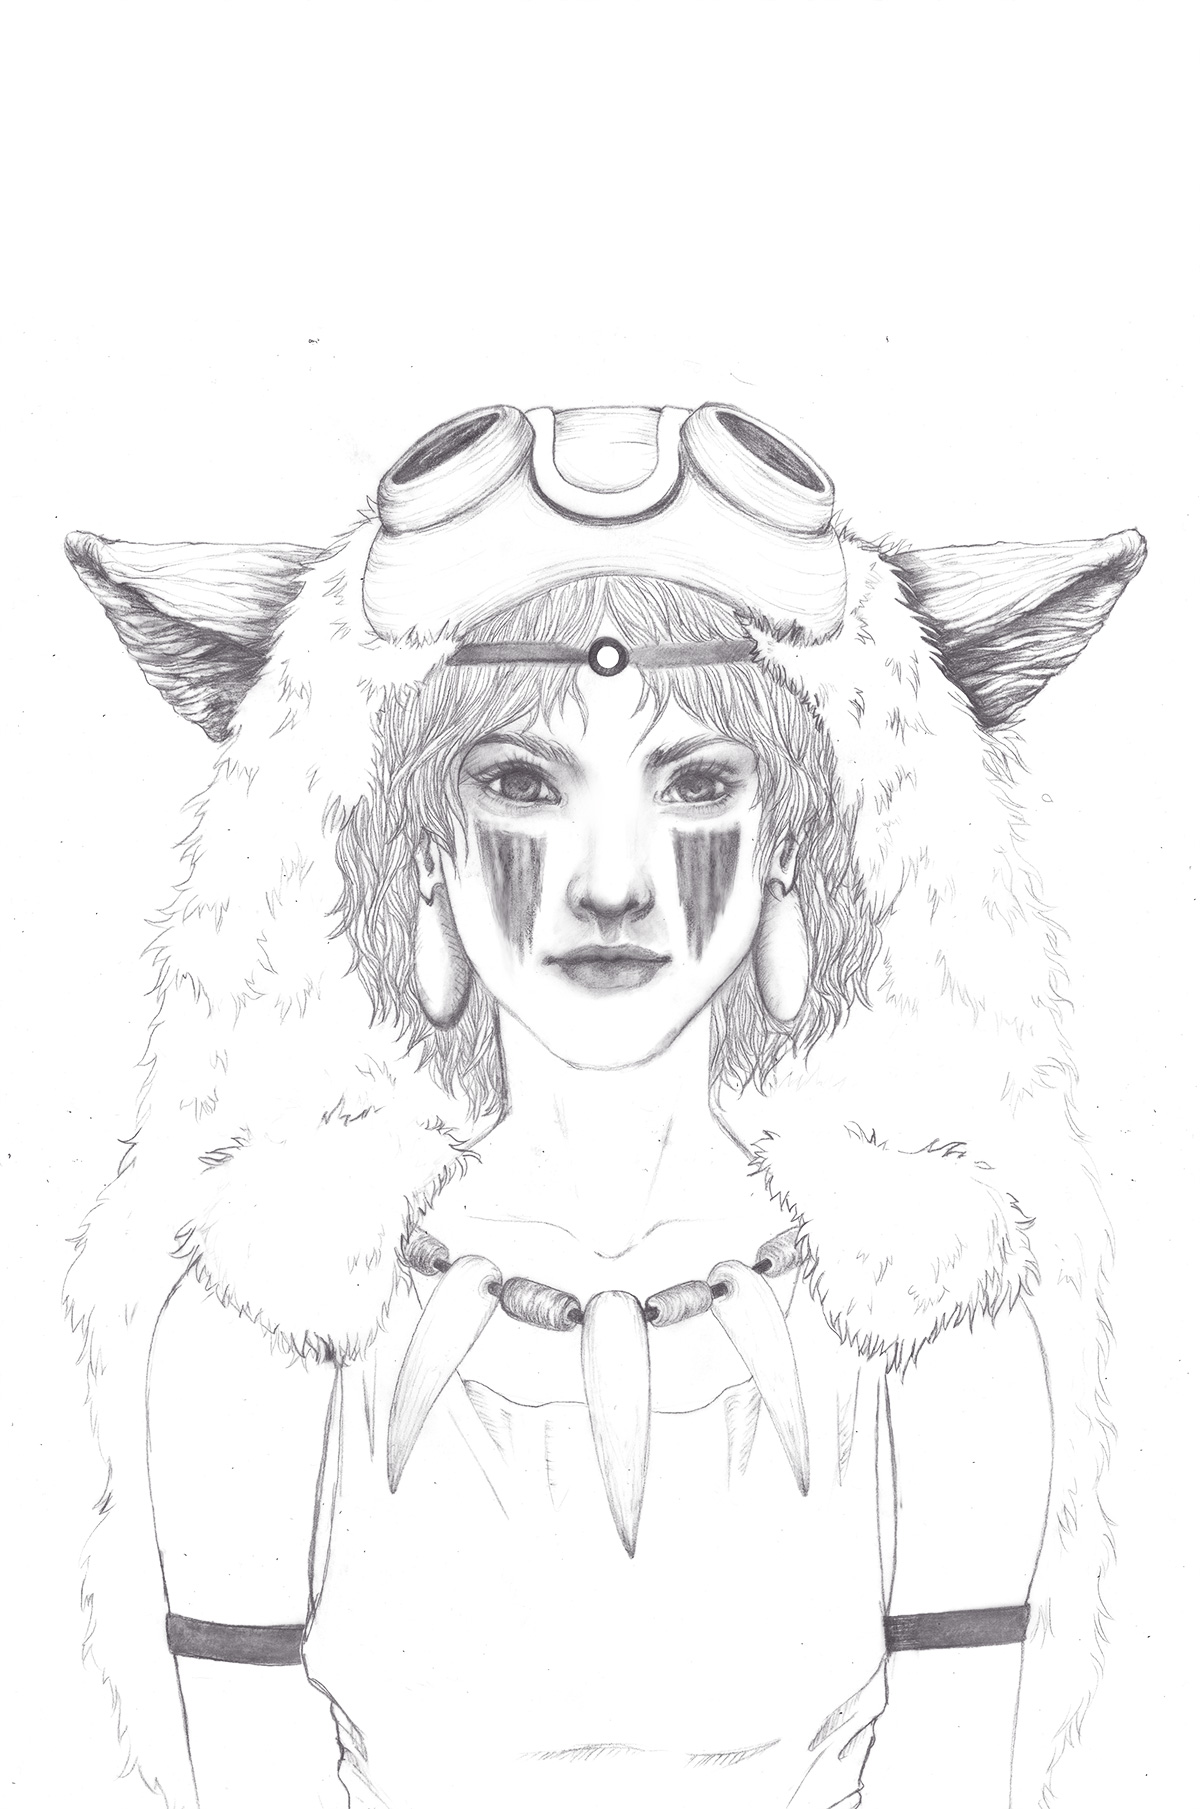 mononoke-sketch.jpg